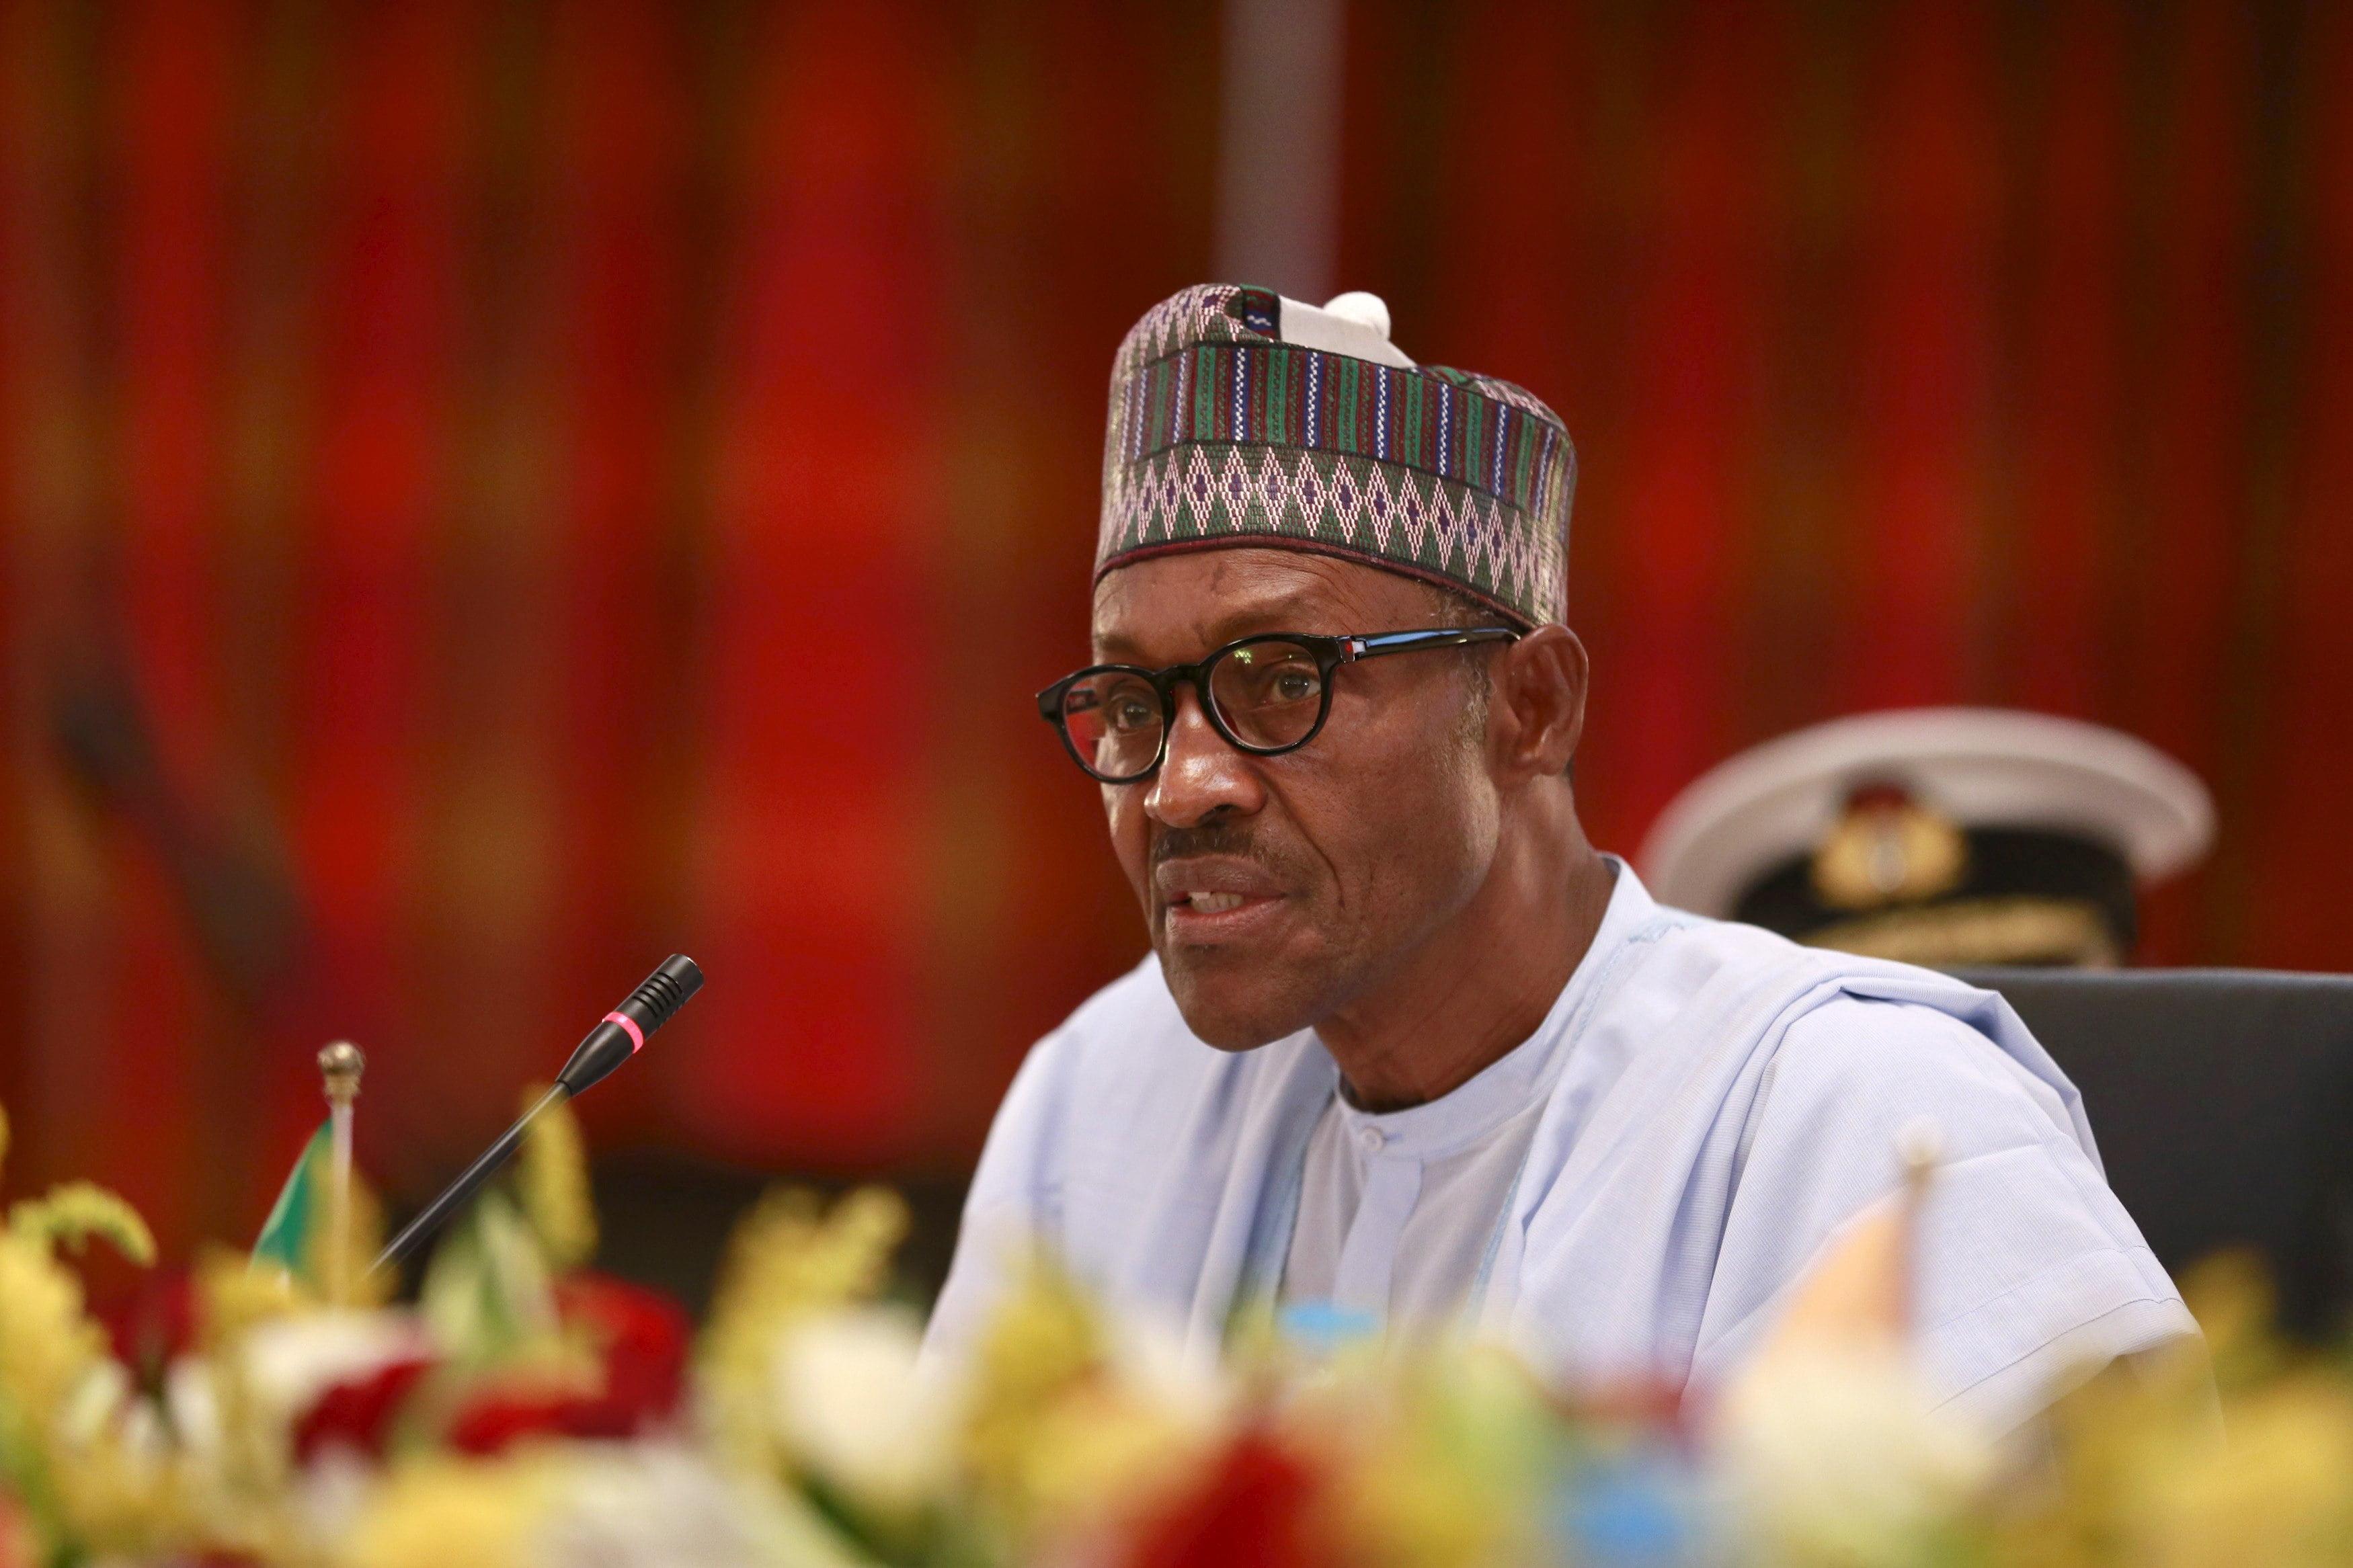 buhari speaks - Details of President Buhari's meeting with Major-General Mamman emerge